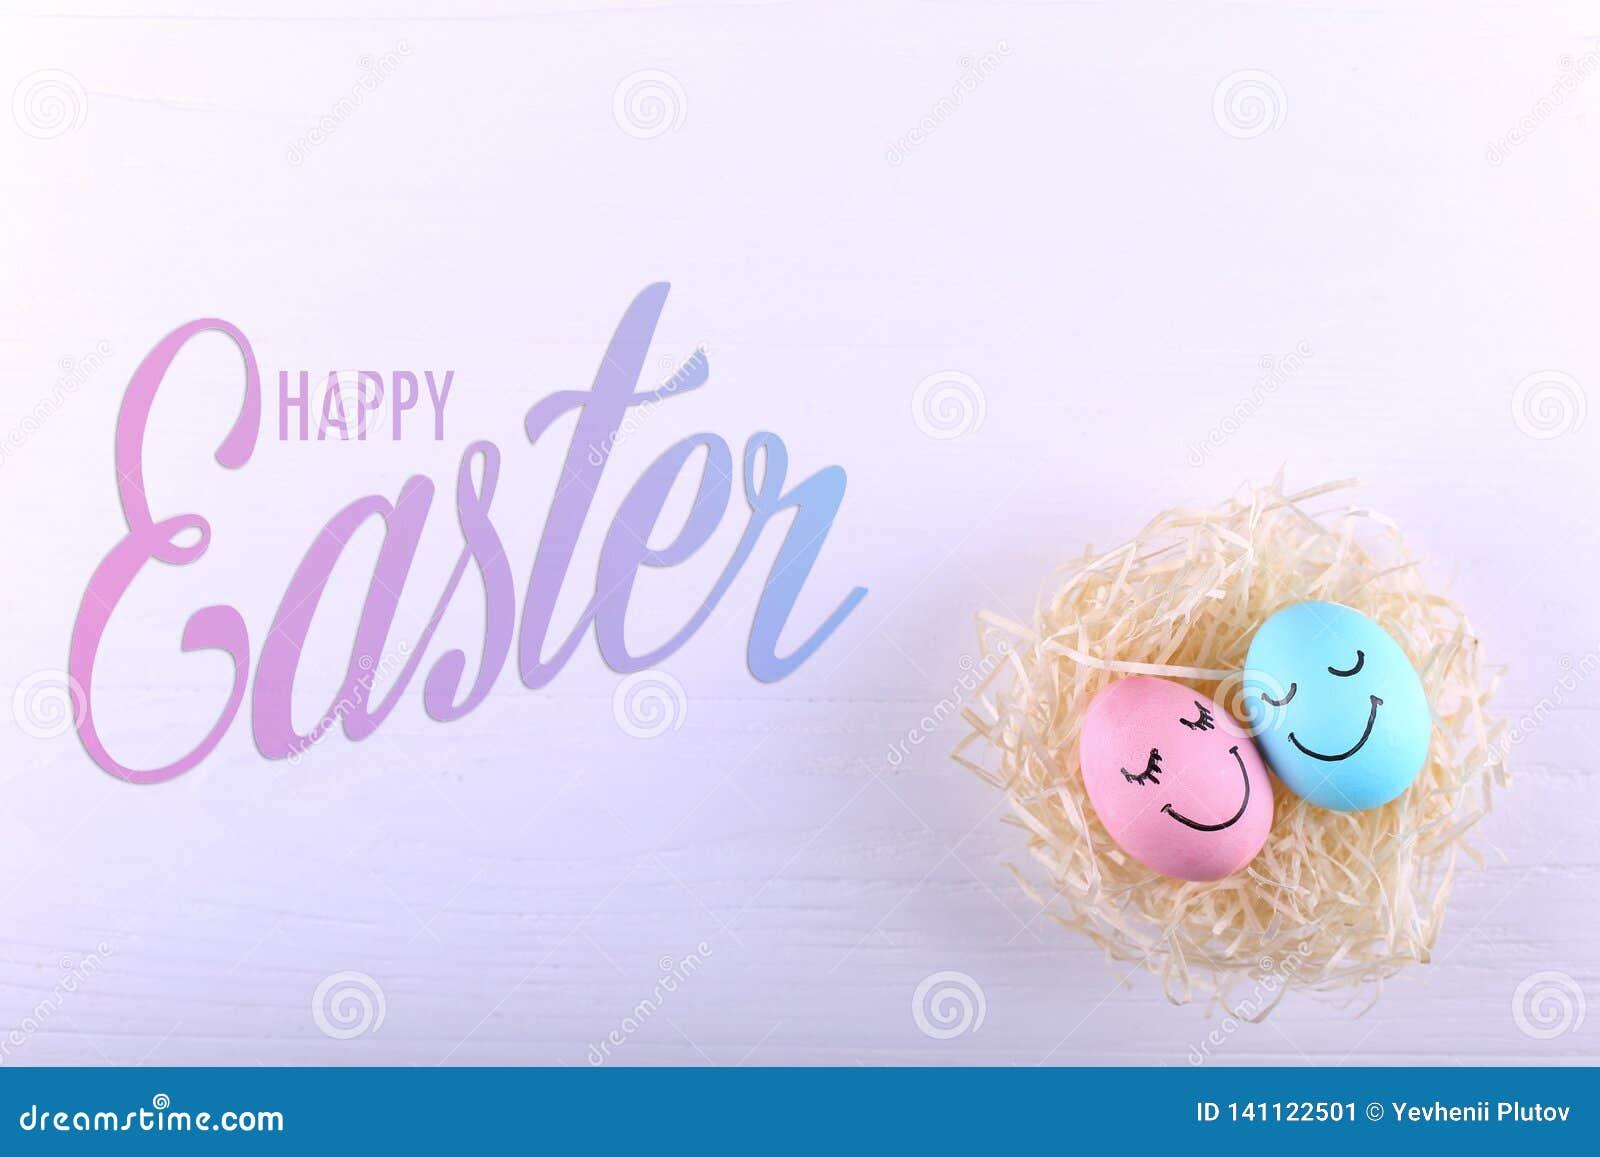 Huevos azules y rosados con sonrisas pintadas en la jerarquía, espacio de la copia Diseño feliz de la tarjeta de felicitación del